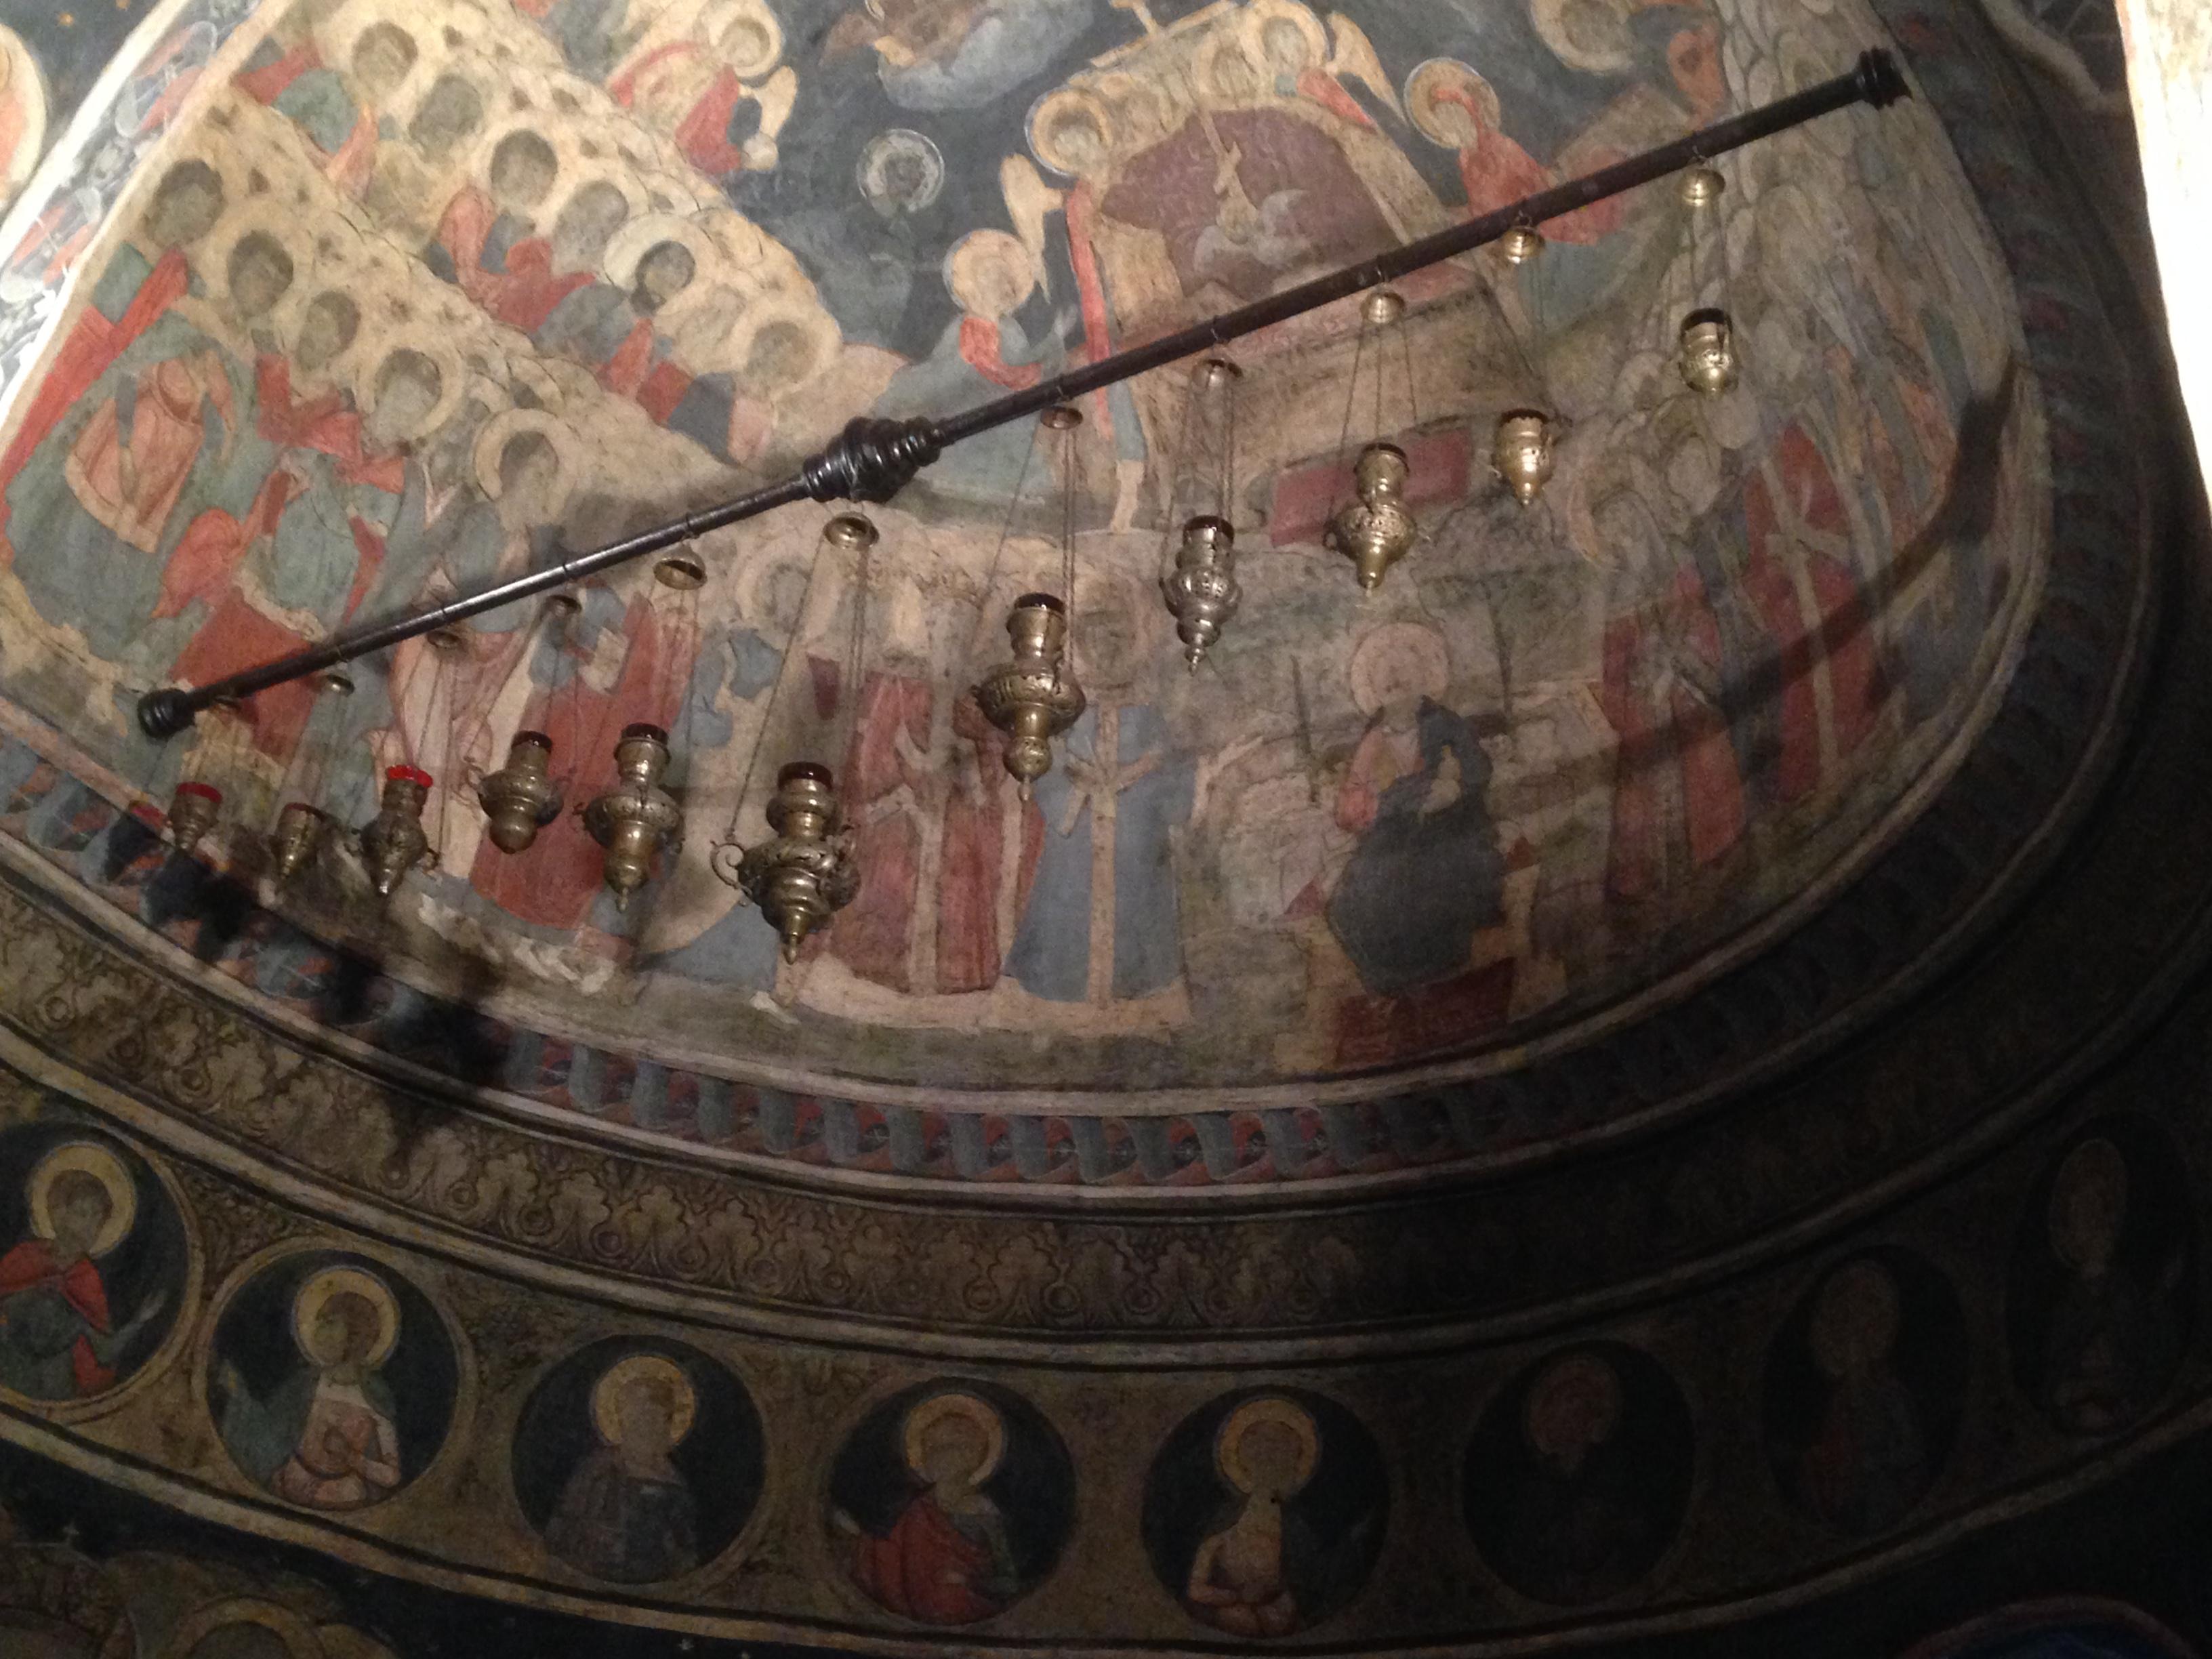 Interno della cupola affrescato con immagini di santi